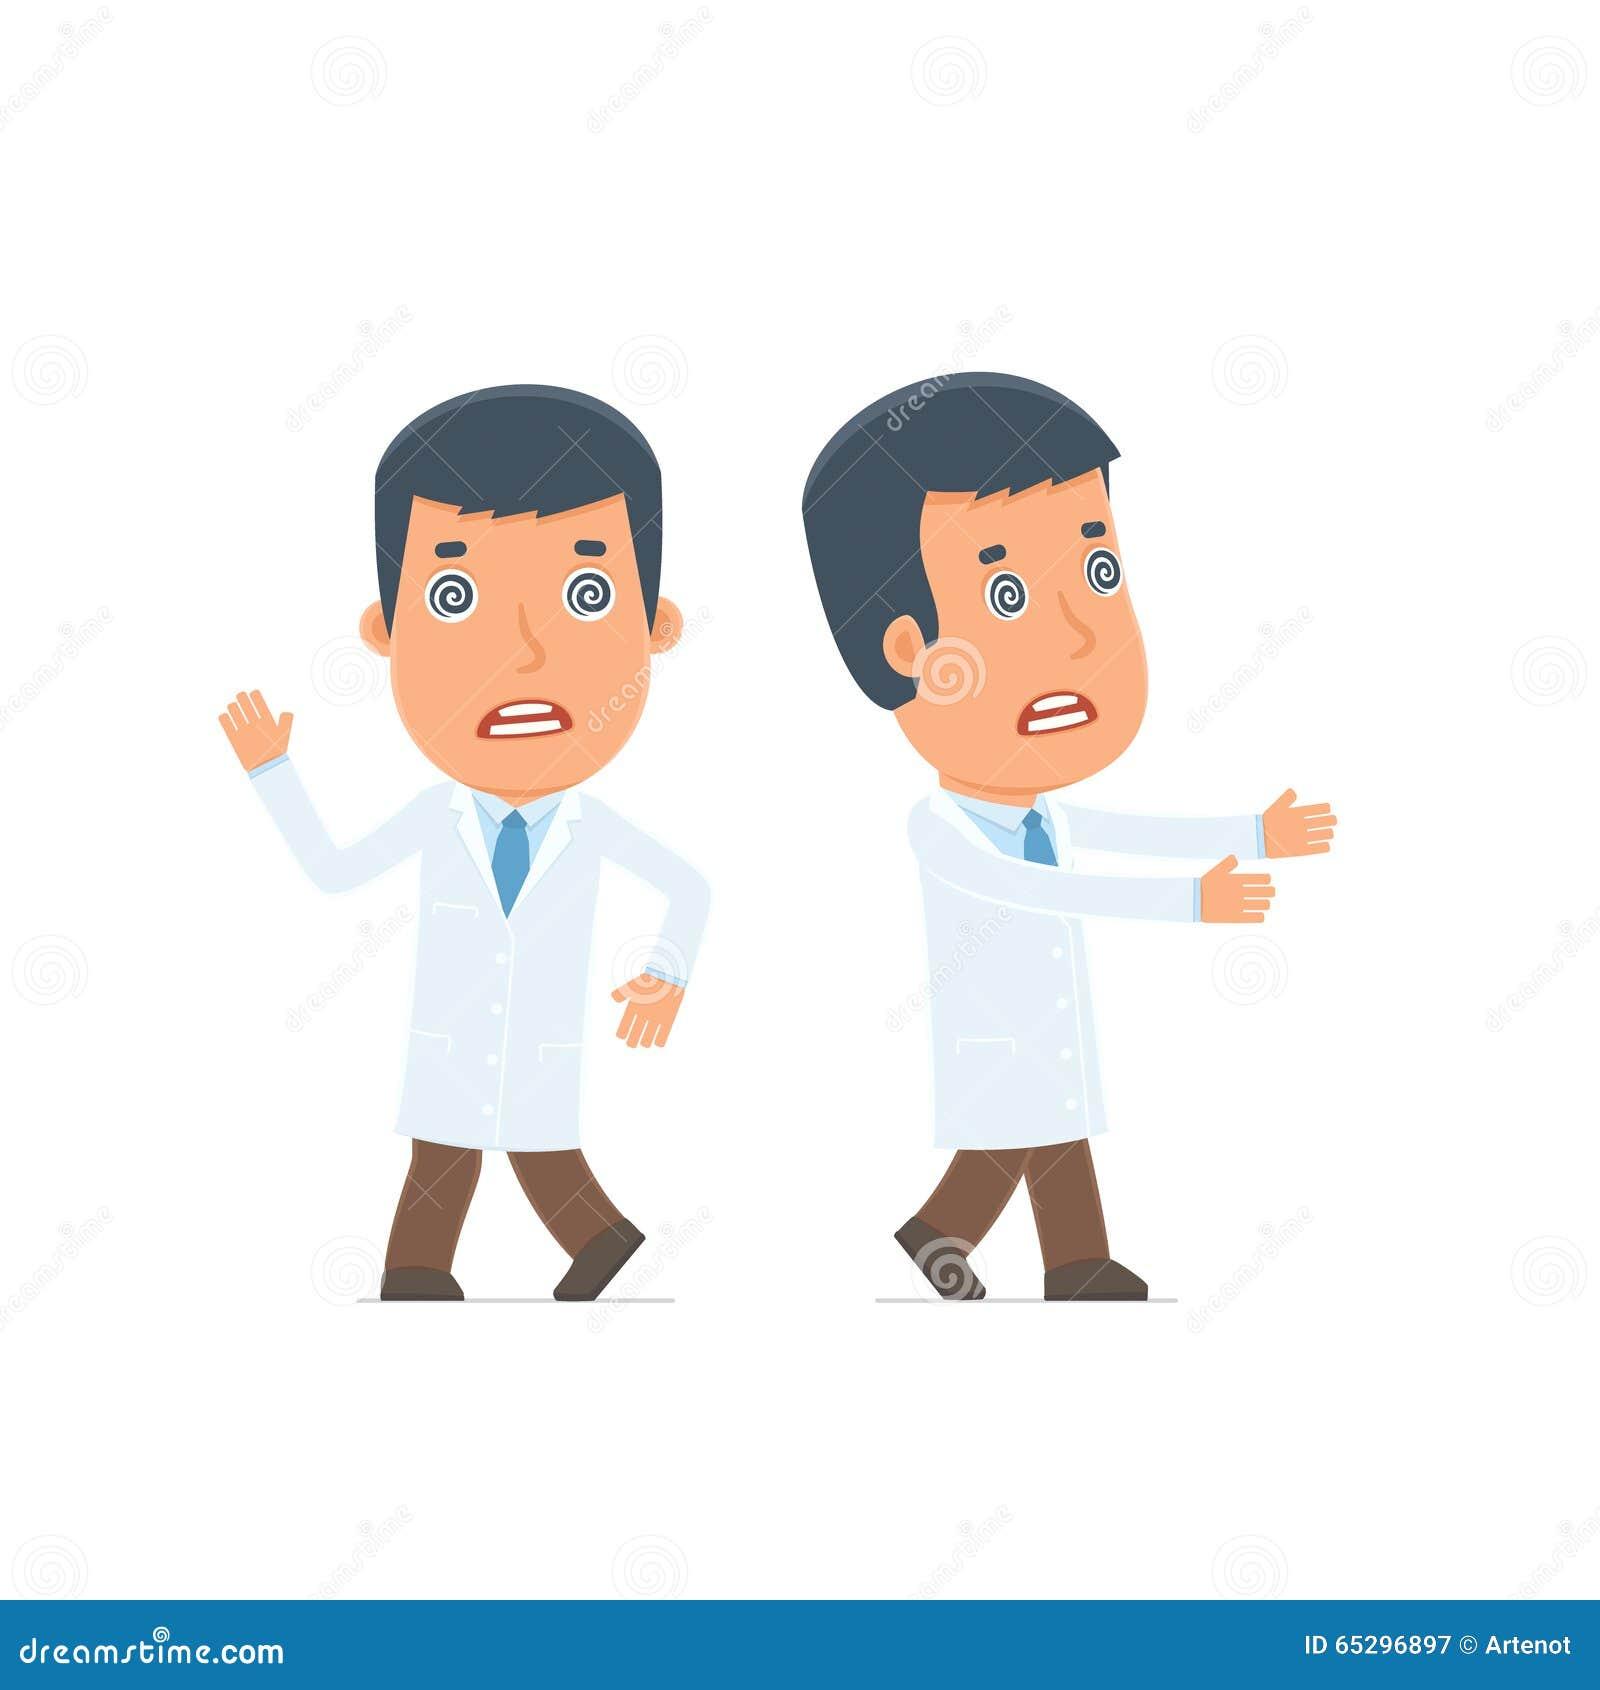 奇怪的姿势的疯狂和疯狂的字符医生在hypnos下